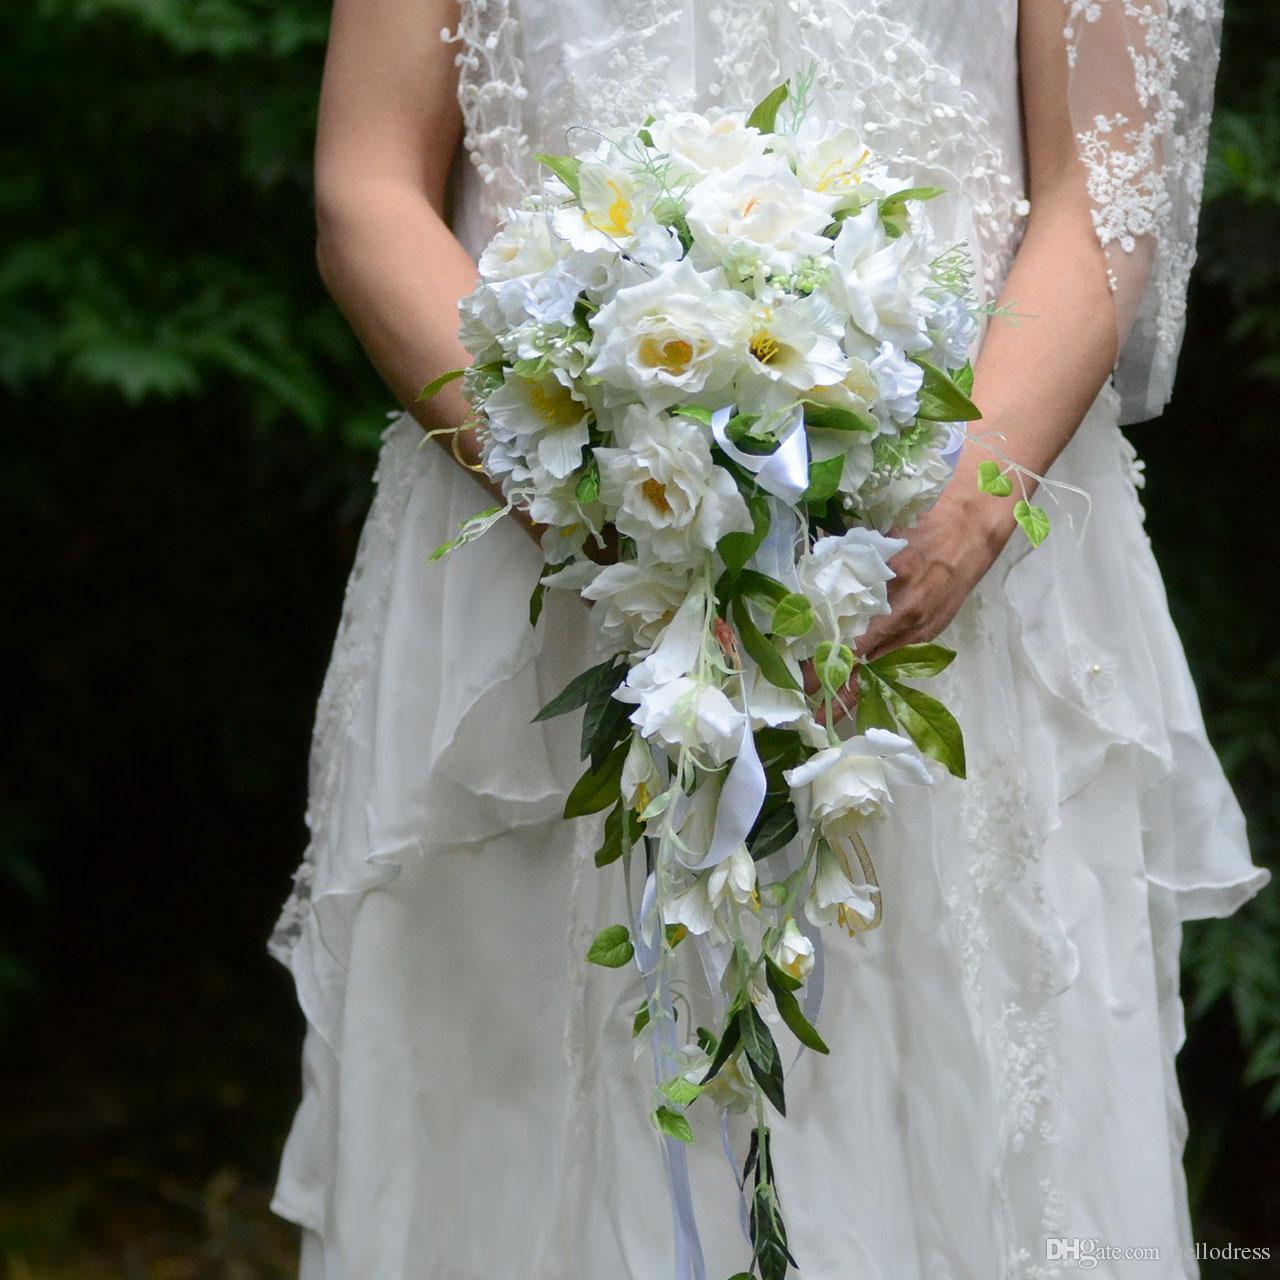 Acheter 2019 Cascade Rouge Fleurs De Mariage Jaune Clair Blanc Bouquets De Mariee Feuilles Artificielles Rose Bouquets De Mariage Bouquet De Mariage